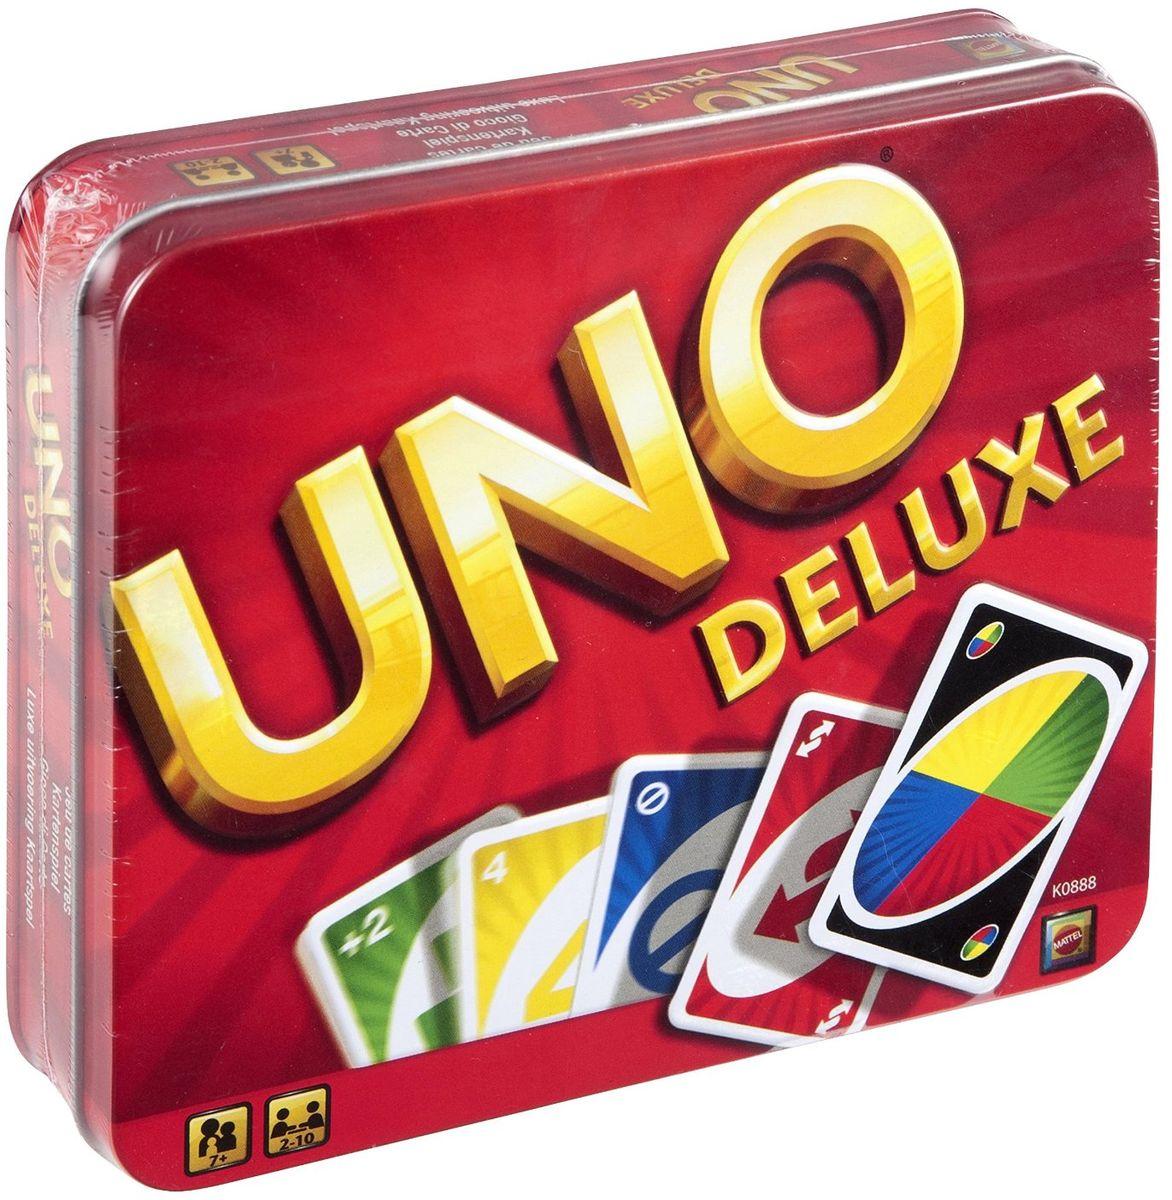 Mattel Games Настольная игра Uno DeluxeK0888Все любят карточную игру Uno - дети, подростки и взрослые! Легко начать игру, и просто невозможно остановить ее, так она захватывает! Отличный способ провести приятный вечер вместе с семьей. В колоде Uno есть карты Пропусти ход, Наоборот, Возьми две, Закажи цвет, Закажи цвет и возьми четыре. И когда у тебя останется одна карта, не забудь прокричать: Уно! В набор входит колода карт Uno, коробочка для карт с двумя отделениями, таблица результатов и инструкция.